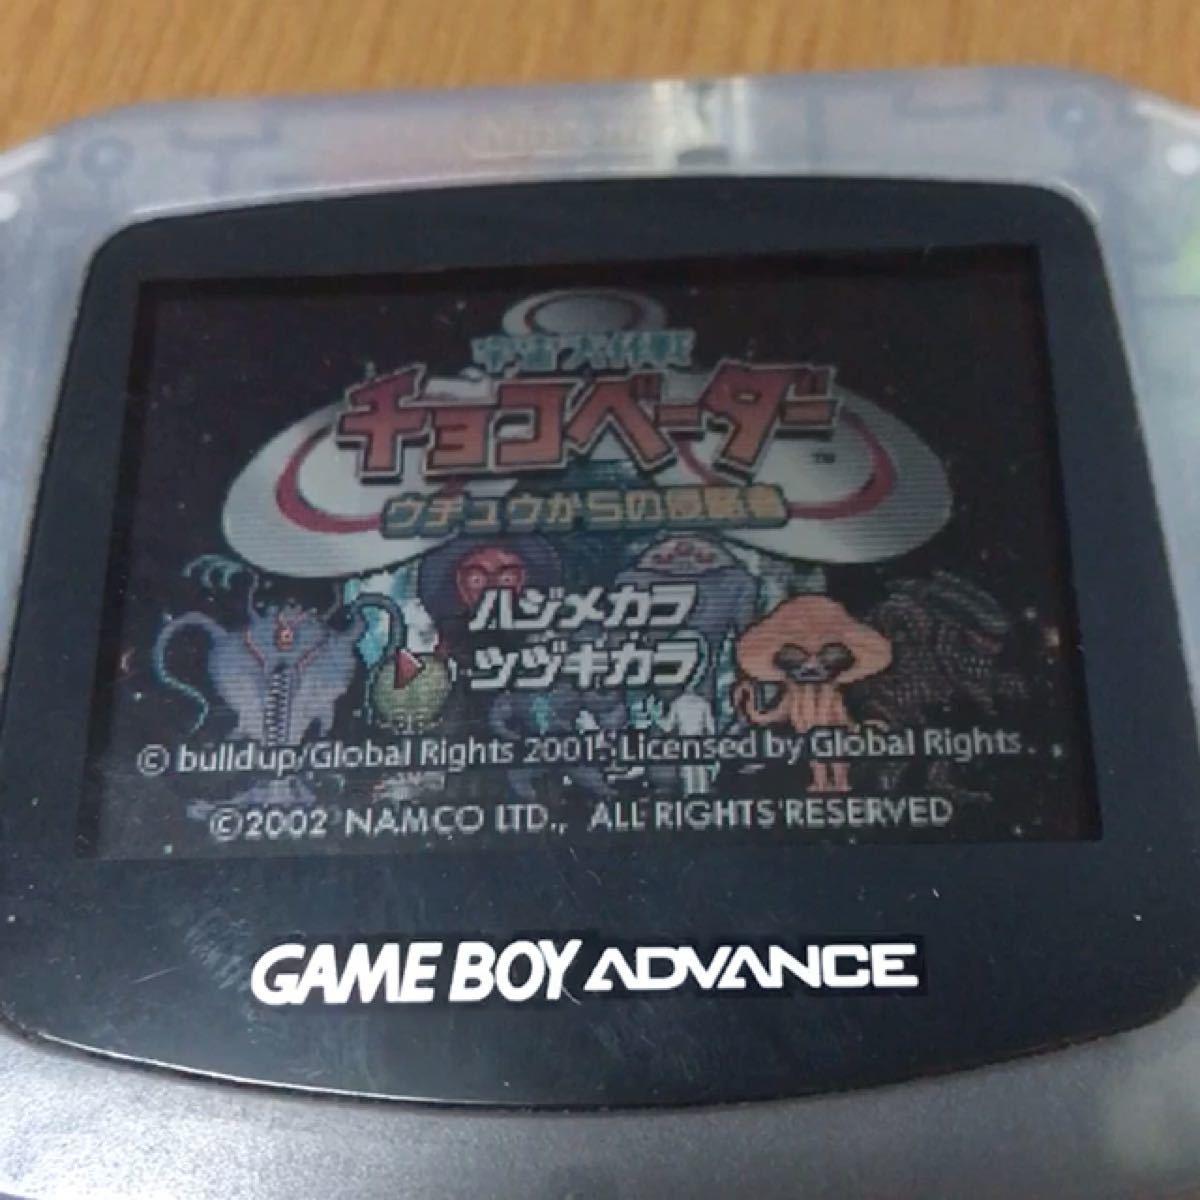 チョコベーダー GBA ゲームボーイアドバンスソフト